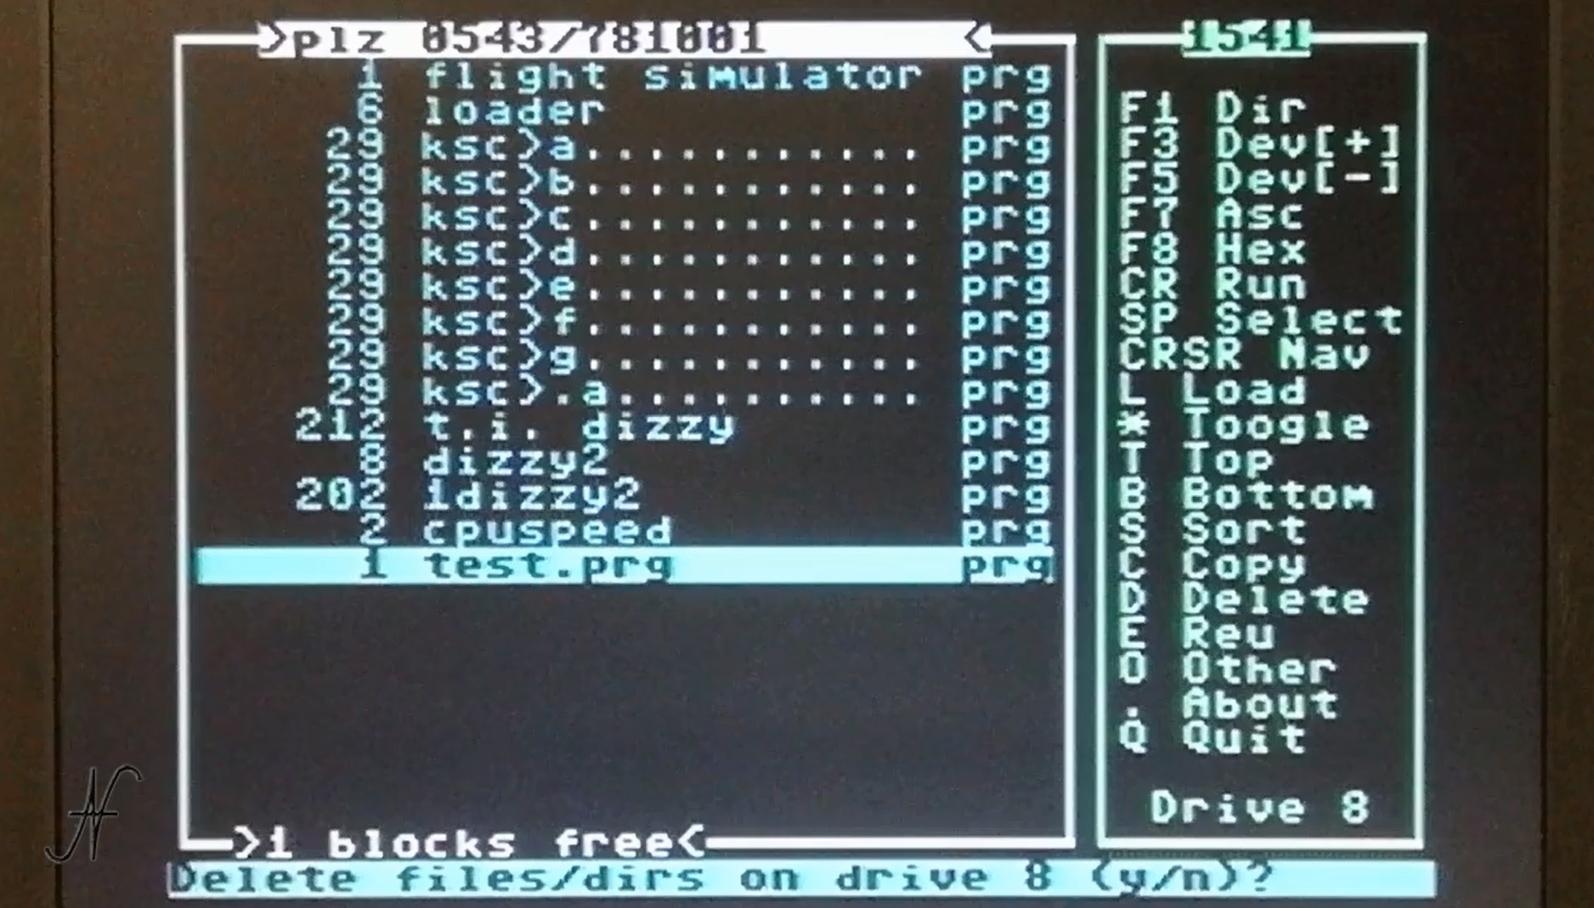 DraCopy, cancella file dal floppy disc drive 1541, D delete, Commodore 64